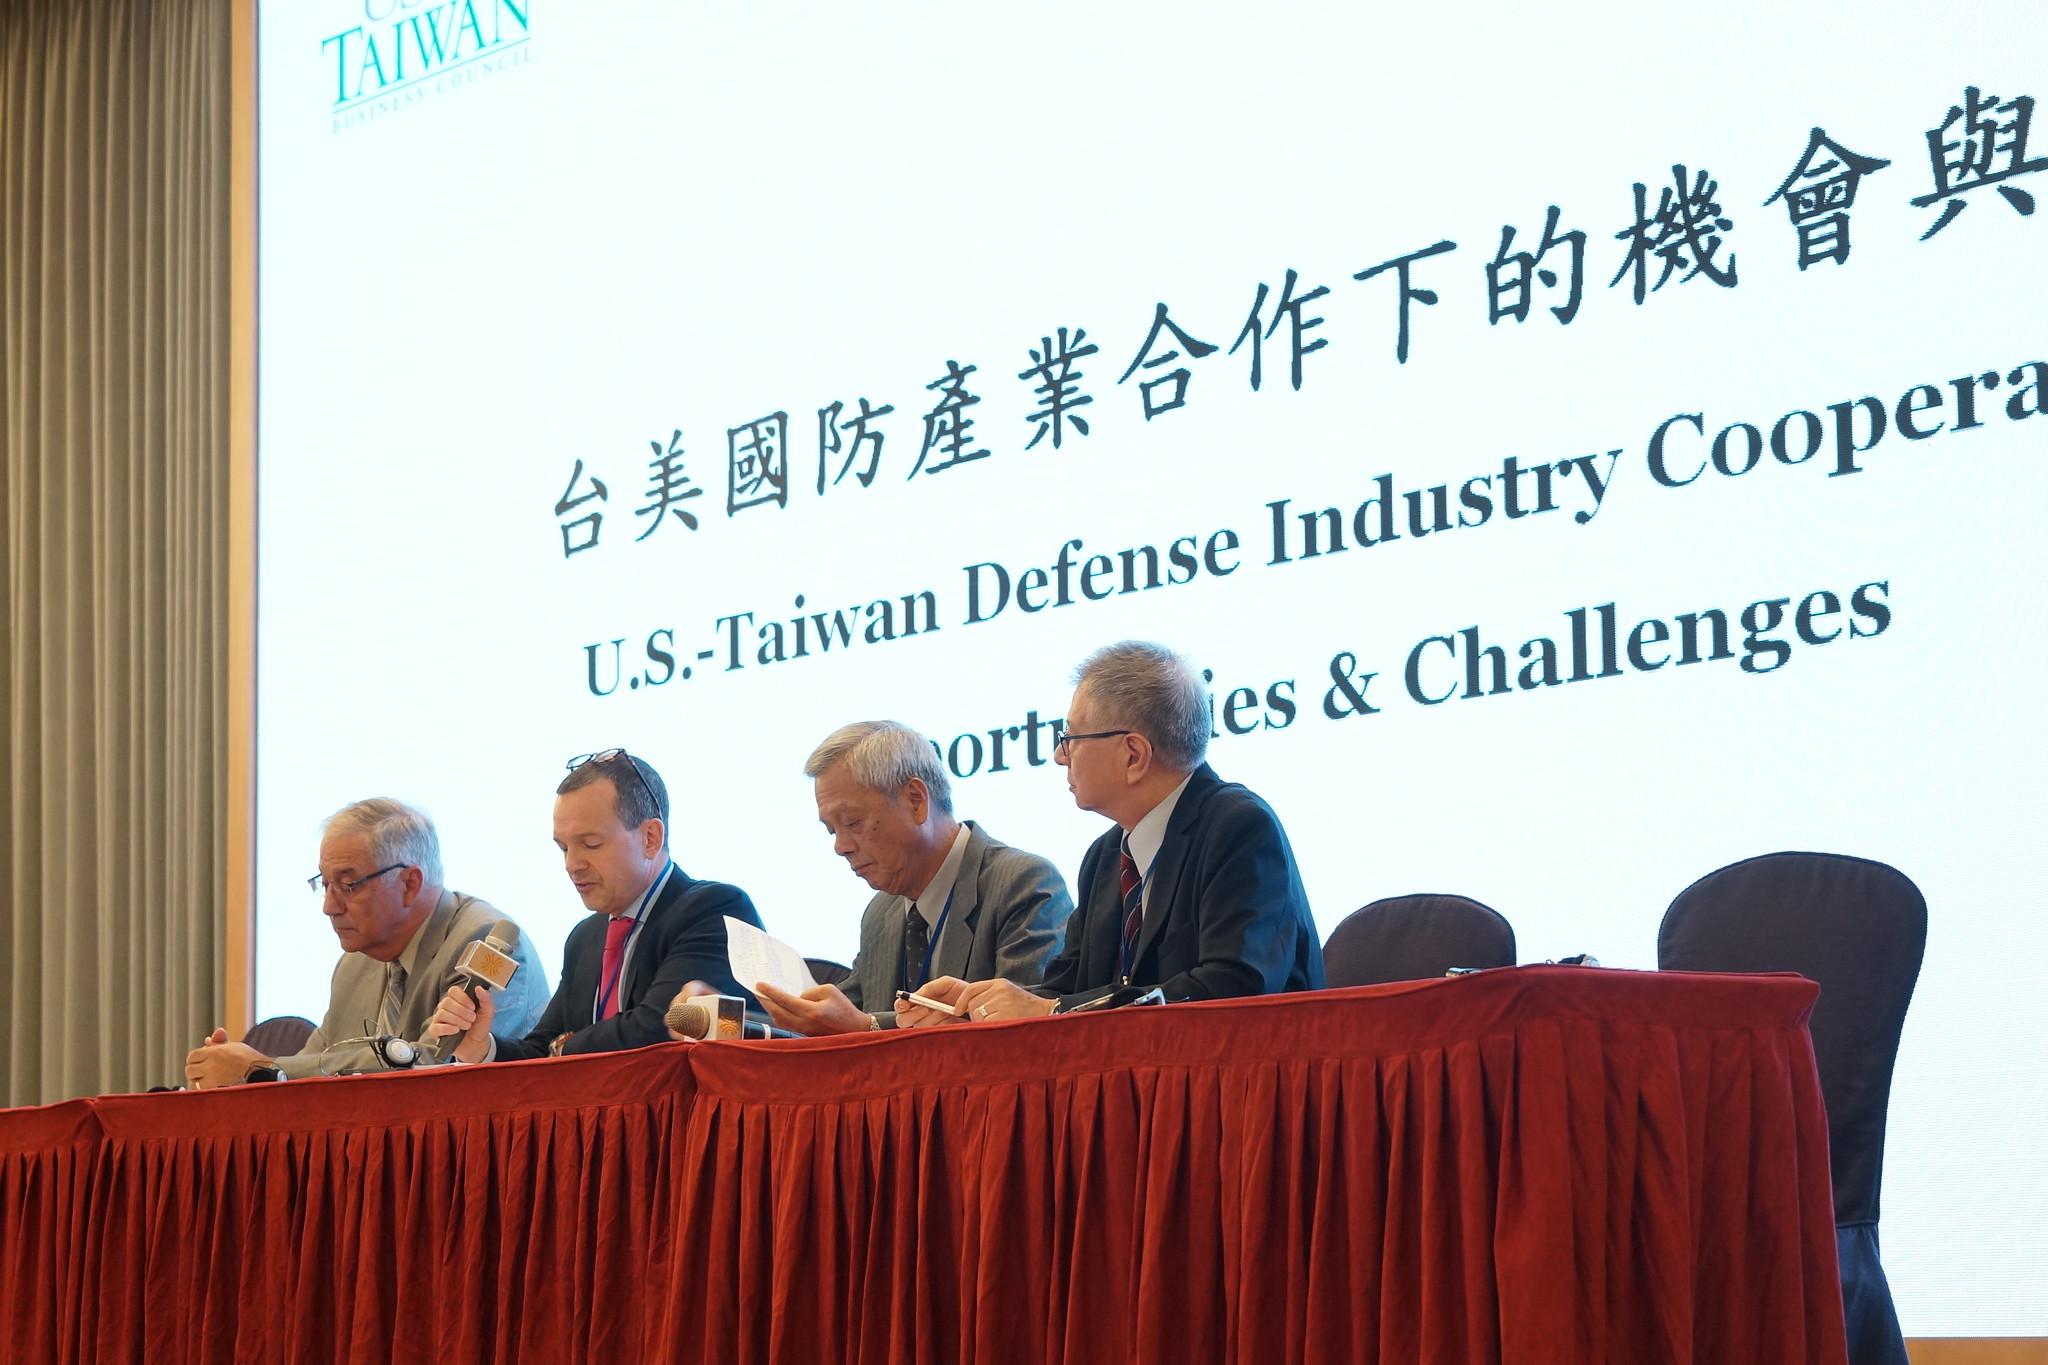 台美國防產業論壇,左二為美台商會協會會長韓儒伯。(攝影:王顥中)